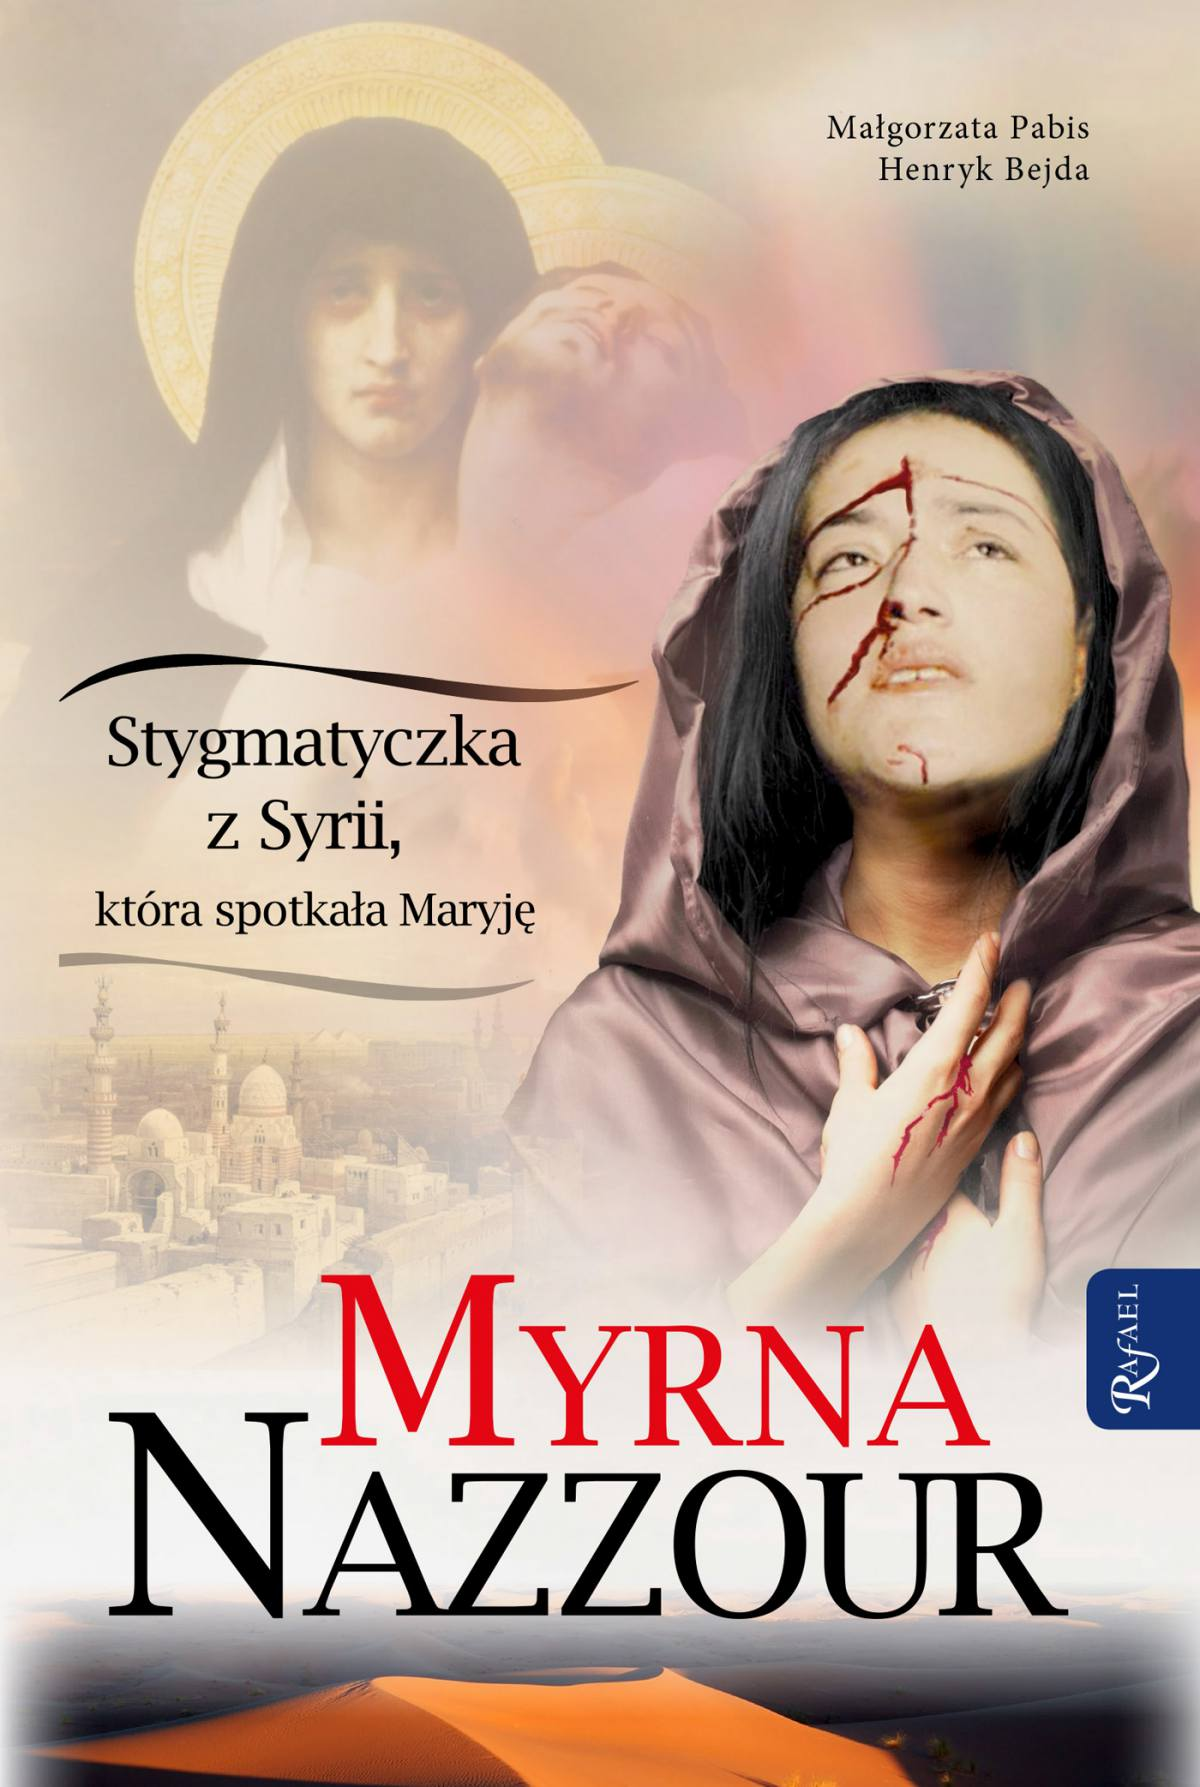 Myrna Nazzour. Stygmatyczka z Syrii, która spotkała Maryję - Ebook (Książka na Kindle) do pobrania w formacie MOBI